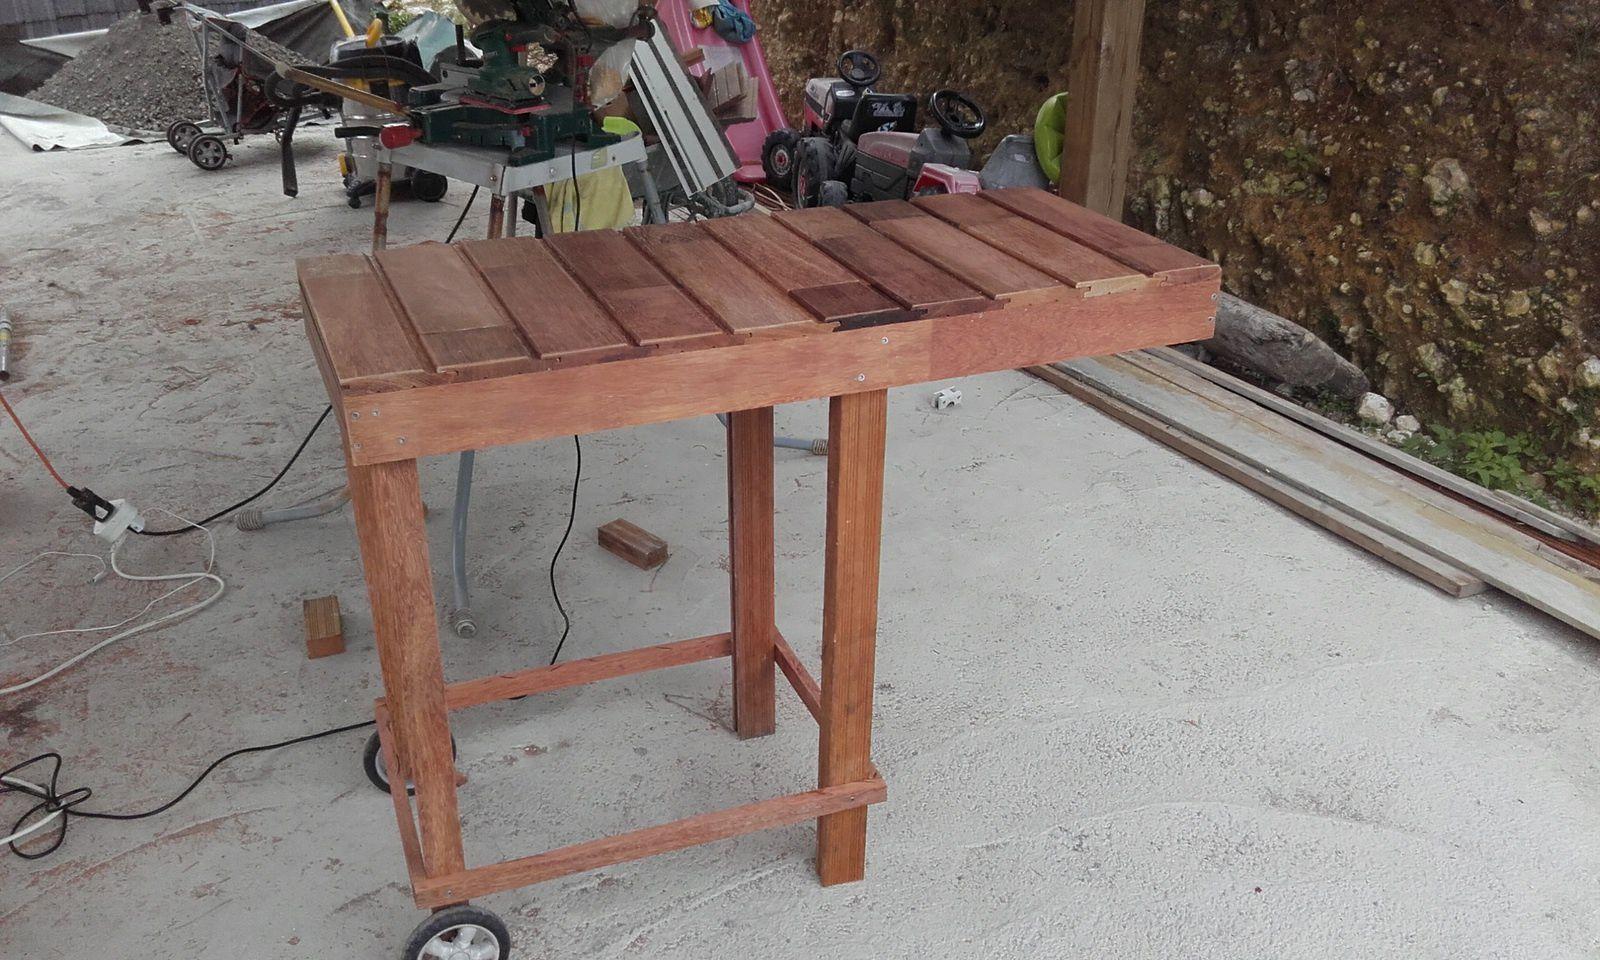 Comment Fabriquer Une Plancha fabrication d'une desserte (support) pour la plancha